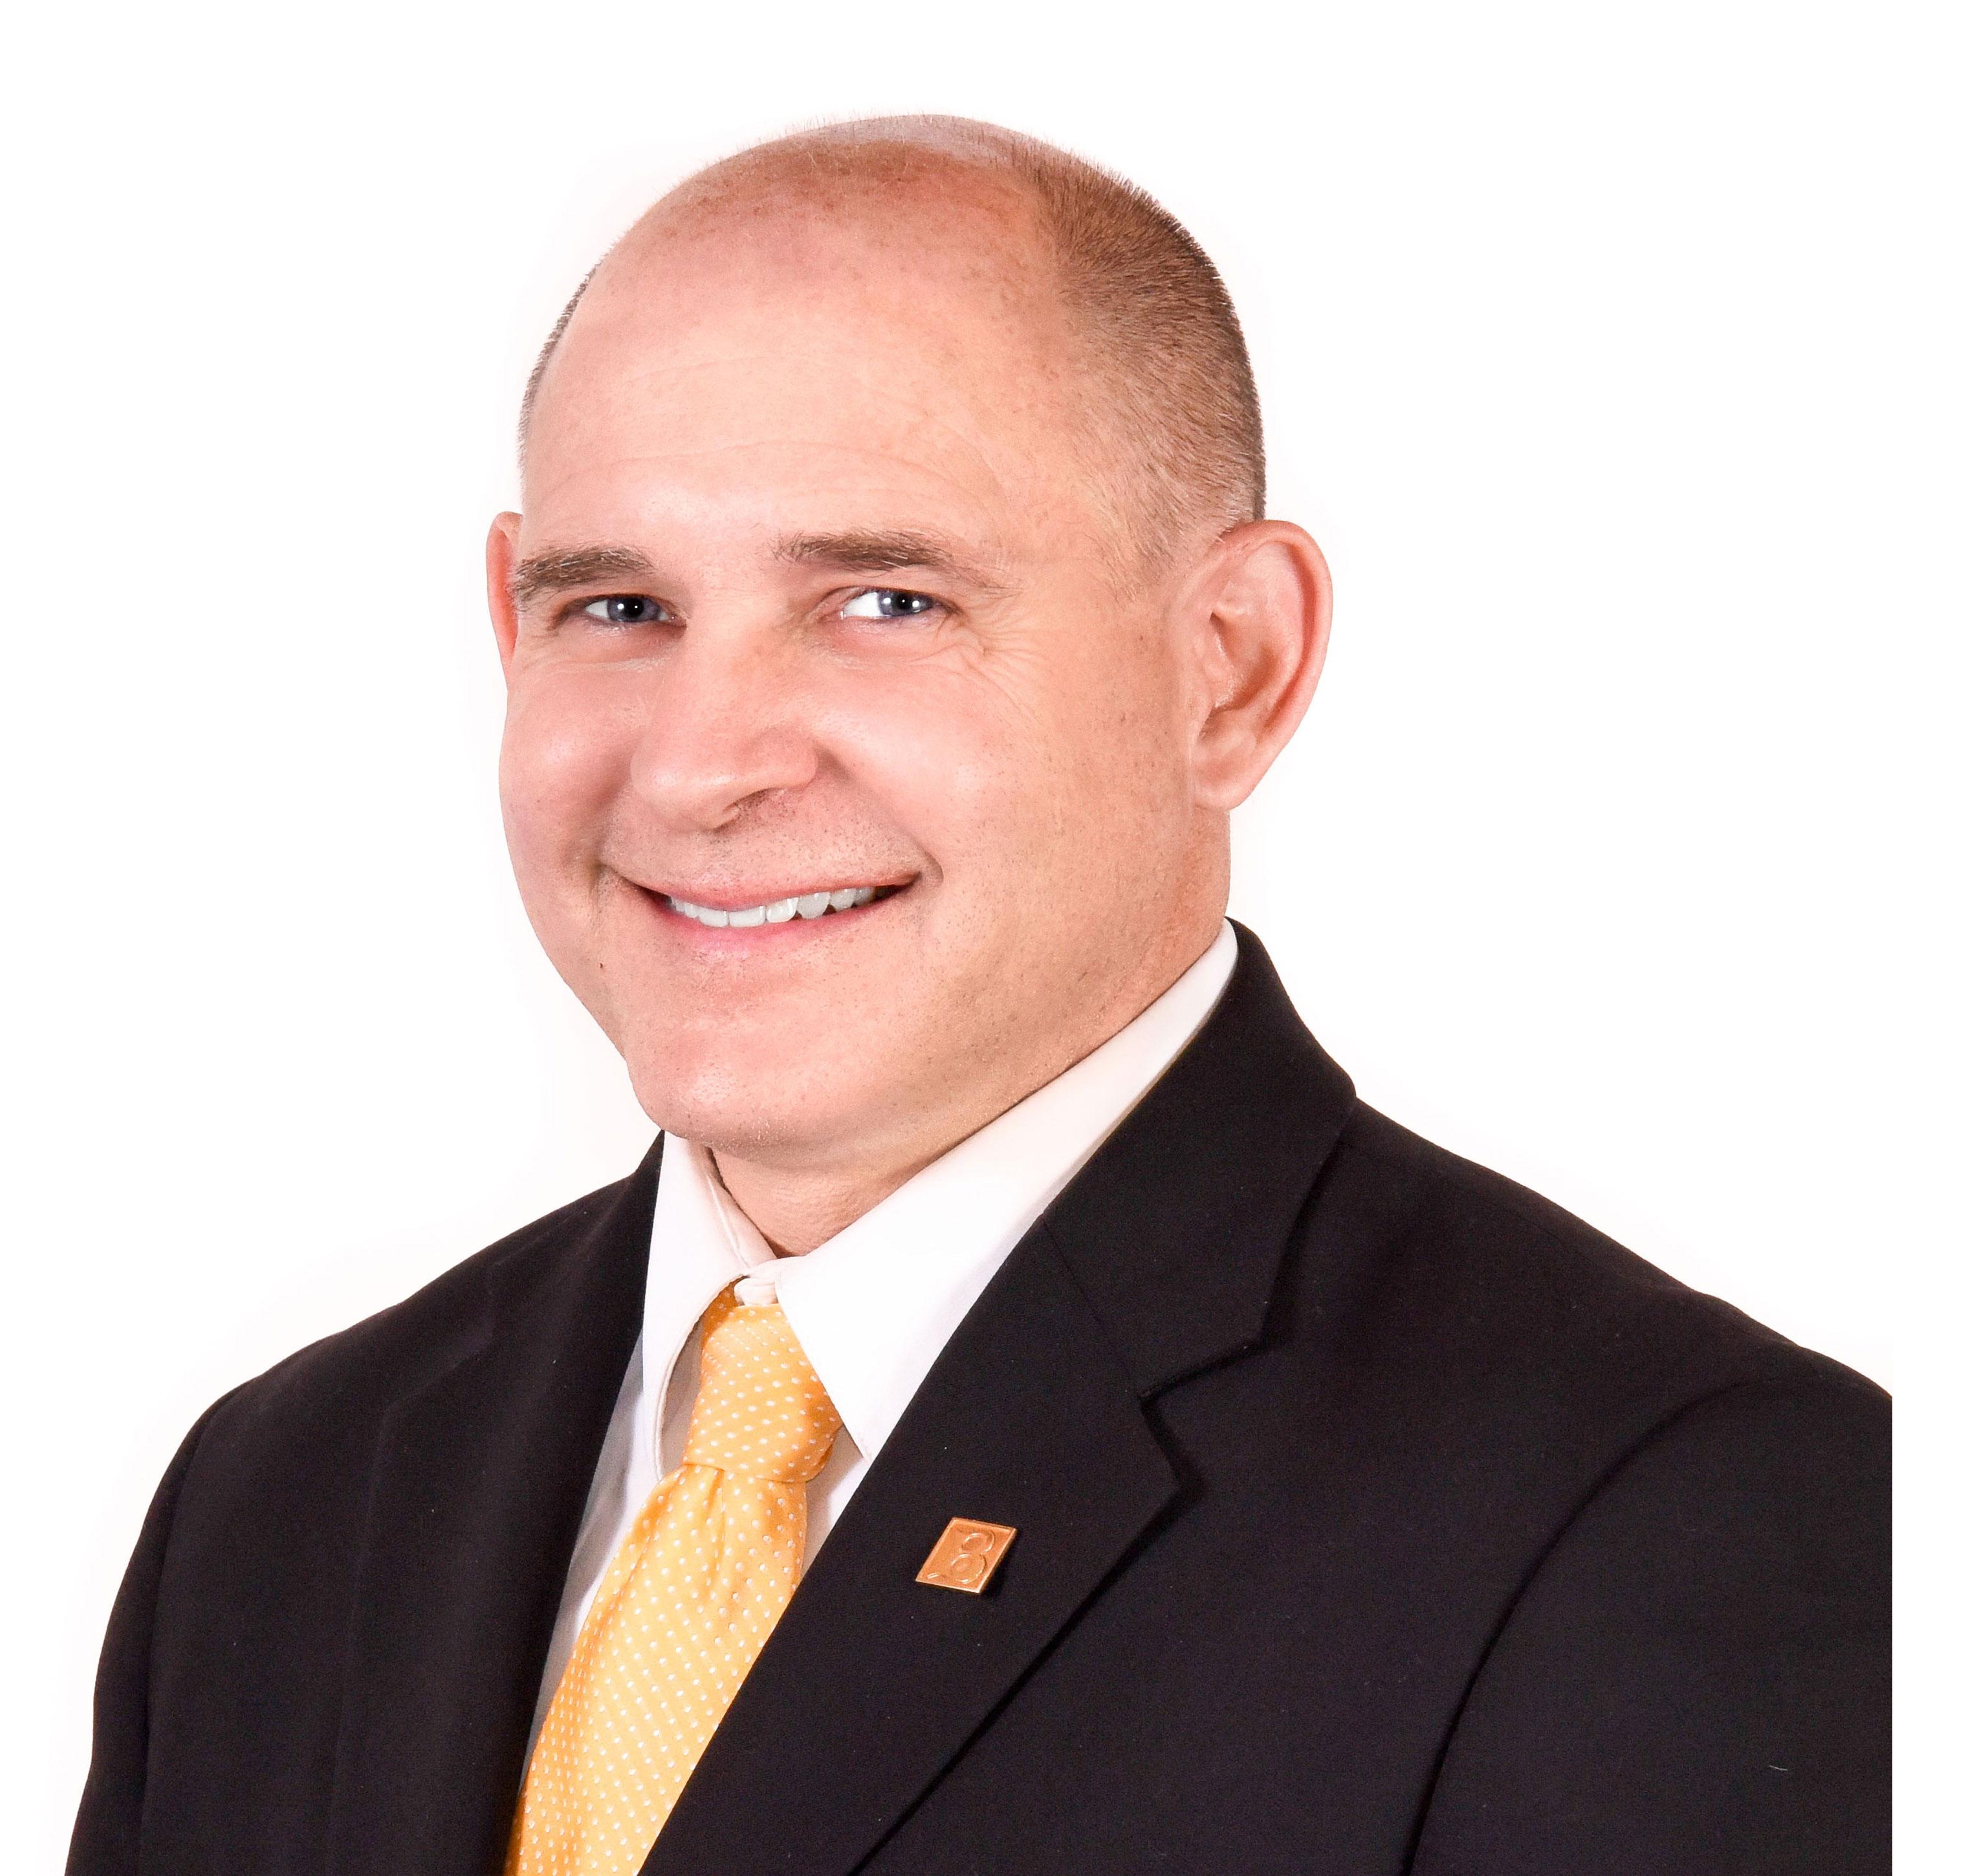 Milton Schaper, Funeral Director